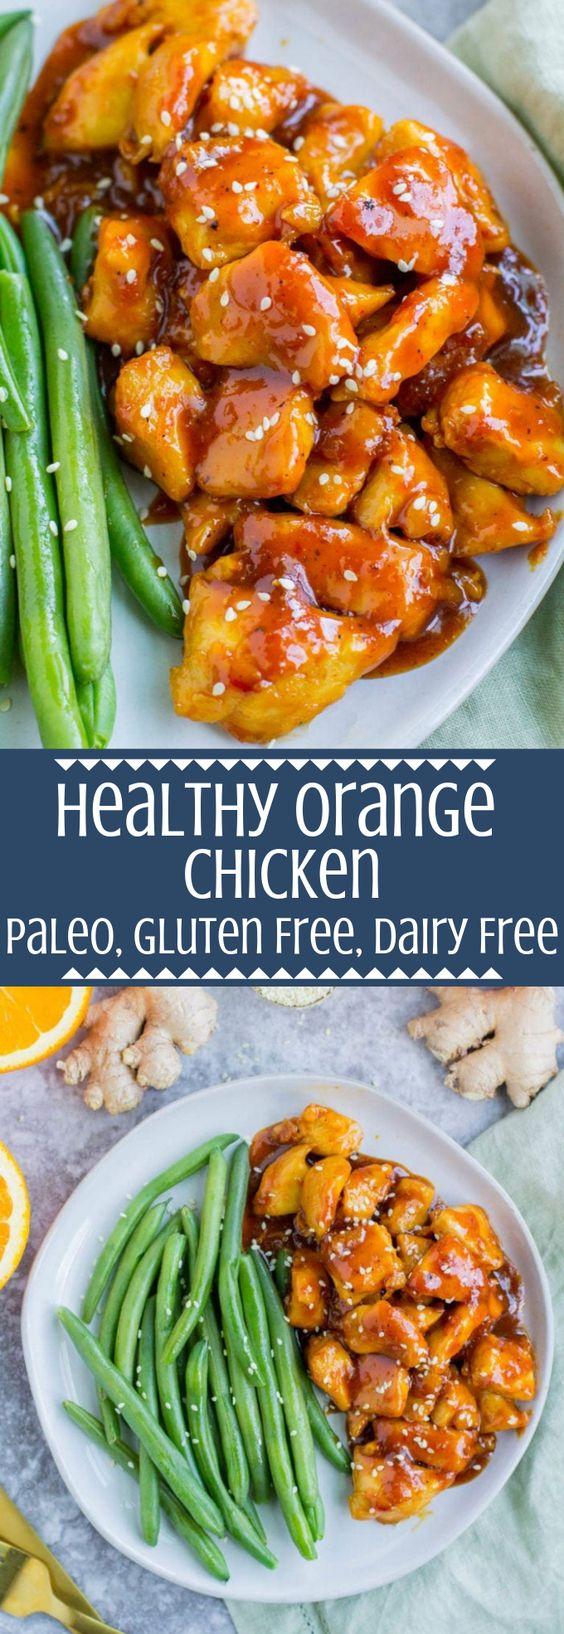 Healthy Orange Chicken